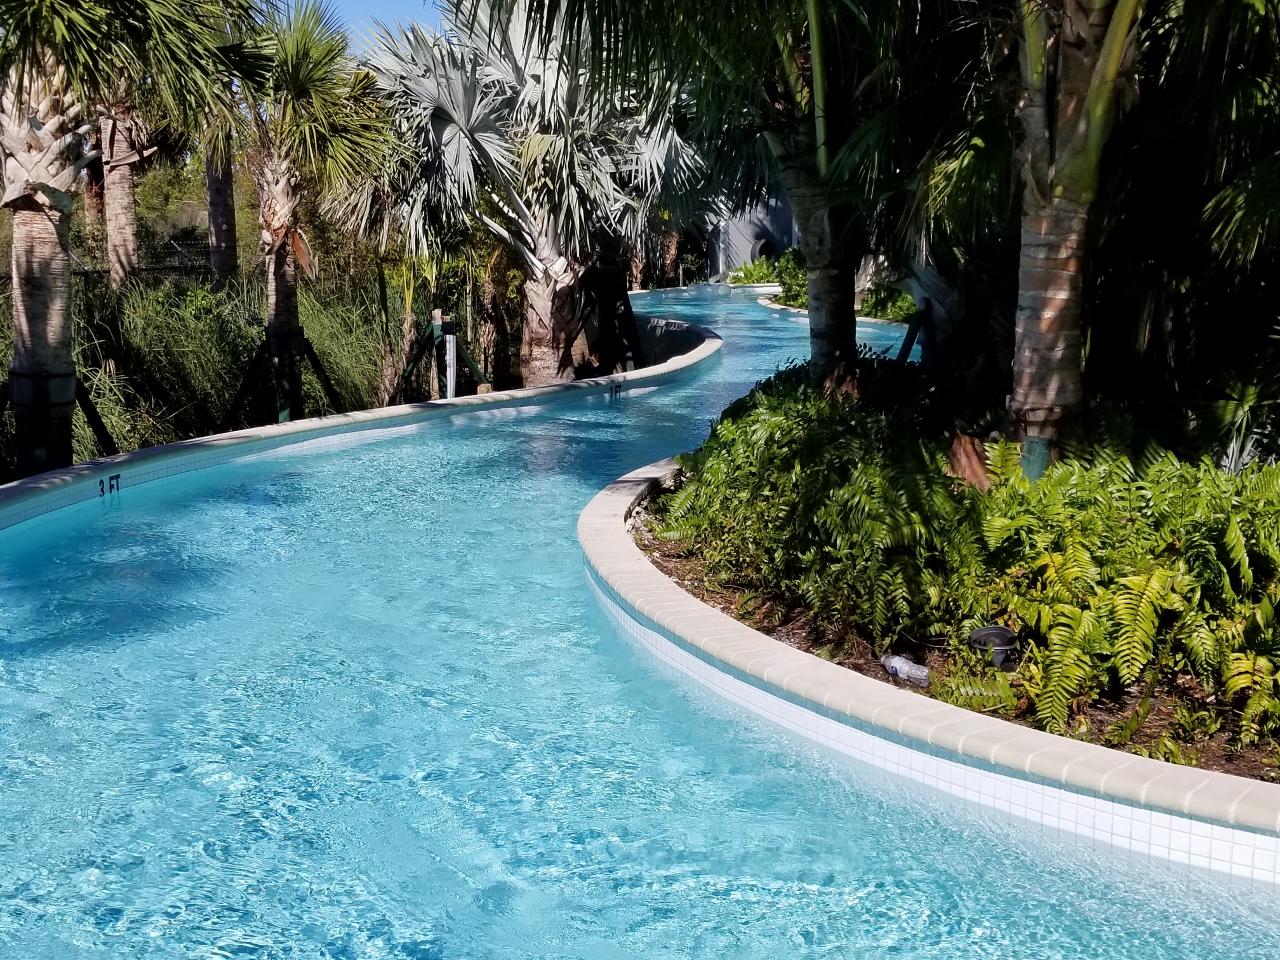 Lazy river at hyatt regency coconut point tips